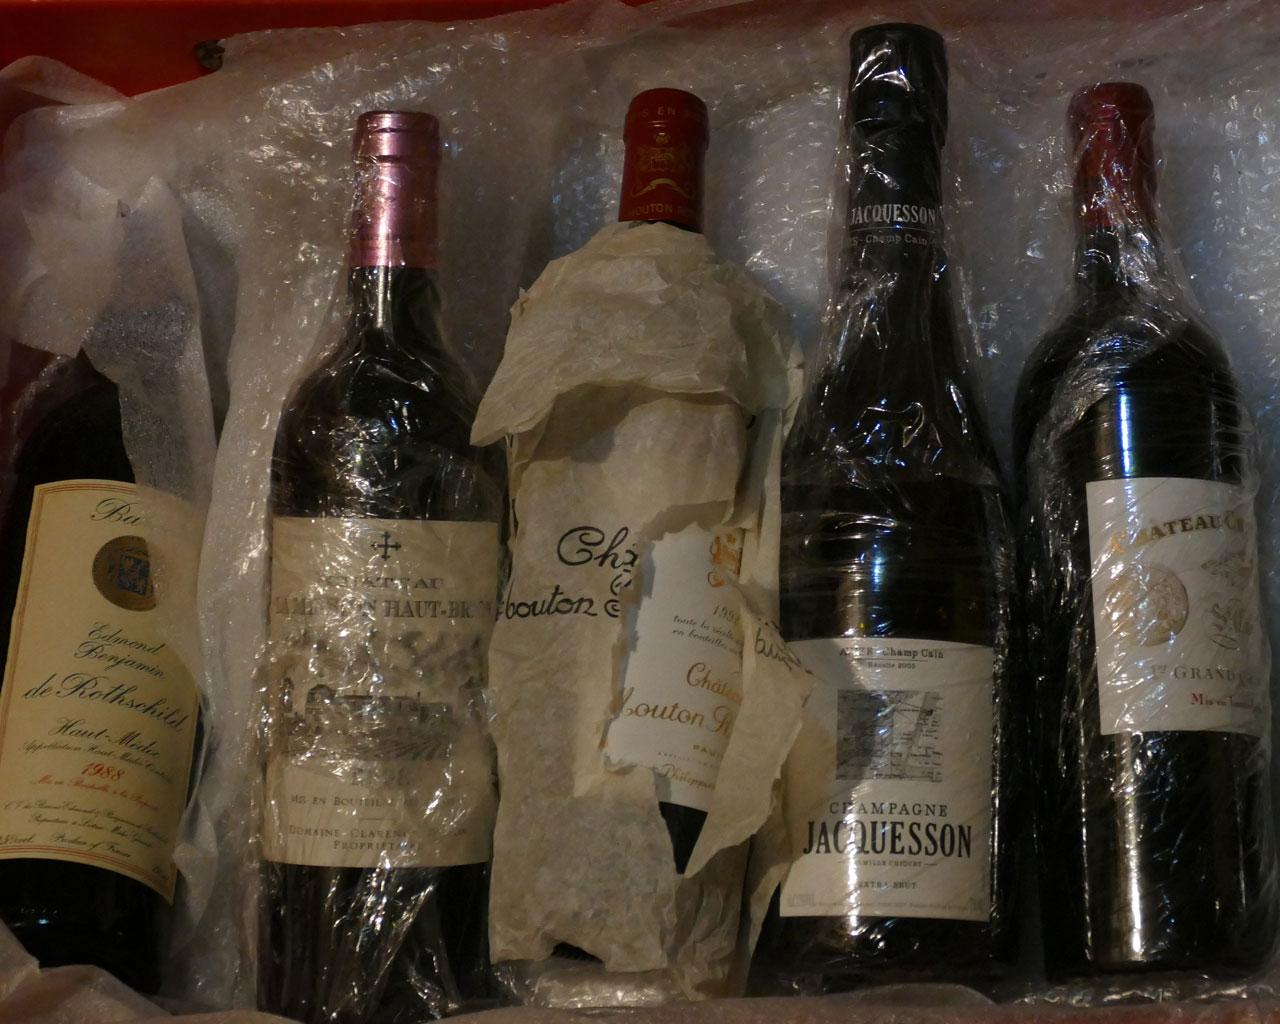 Alte und reife Weinflaschen in einem Weinkeller